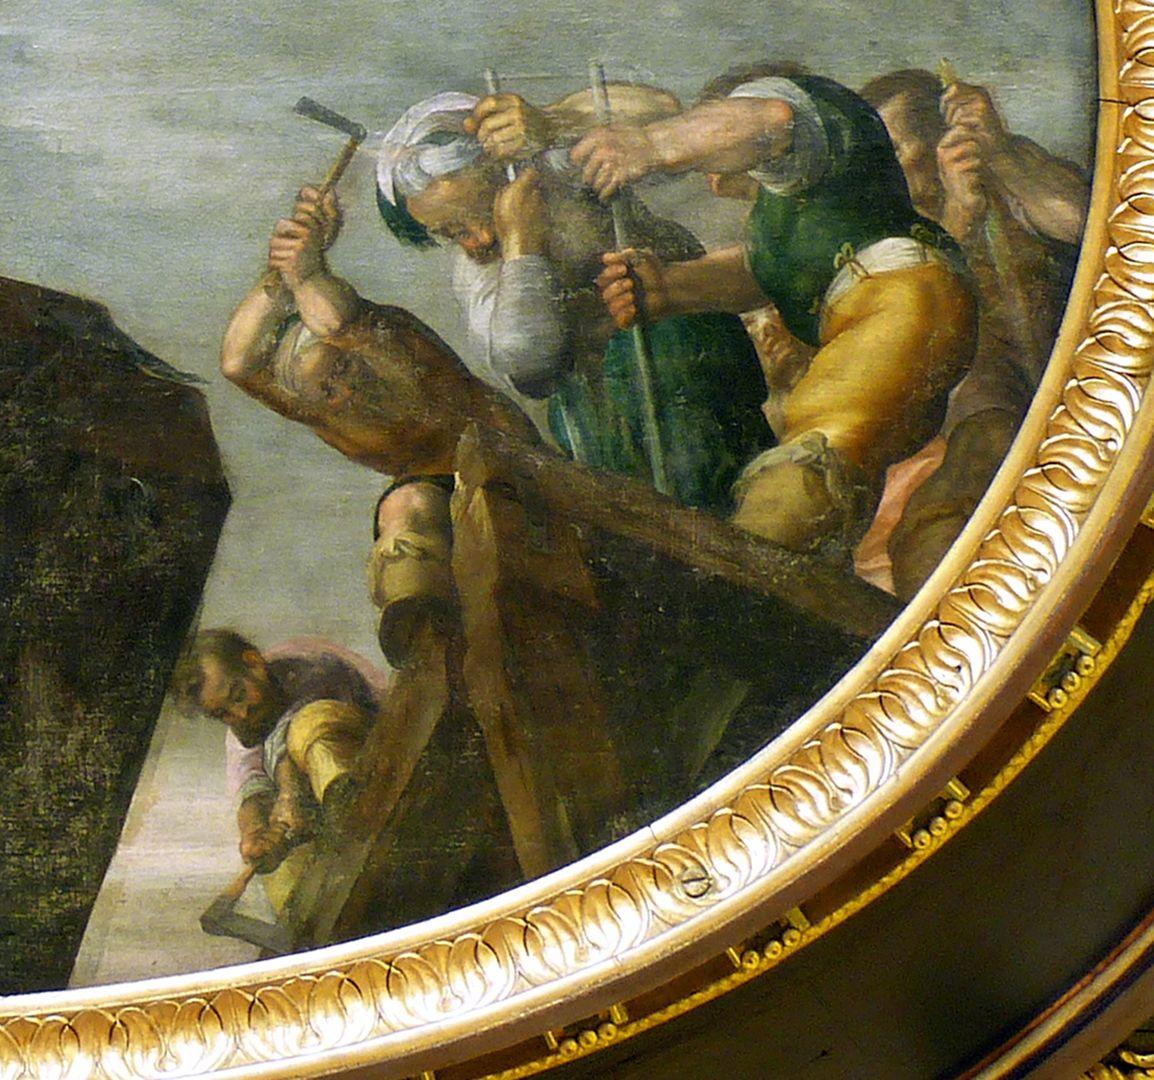 Deckengemälde im Kleinen Rathaussaal Abbruch der Tiberbrücke durch Horatius Cocles, Detail mit Horatius Cocles